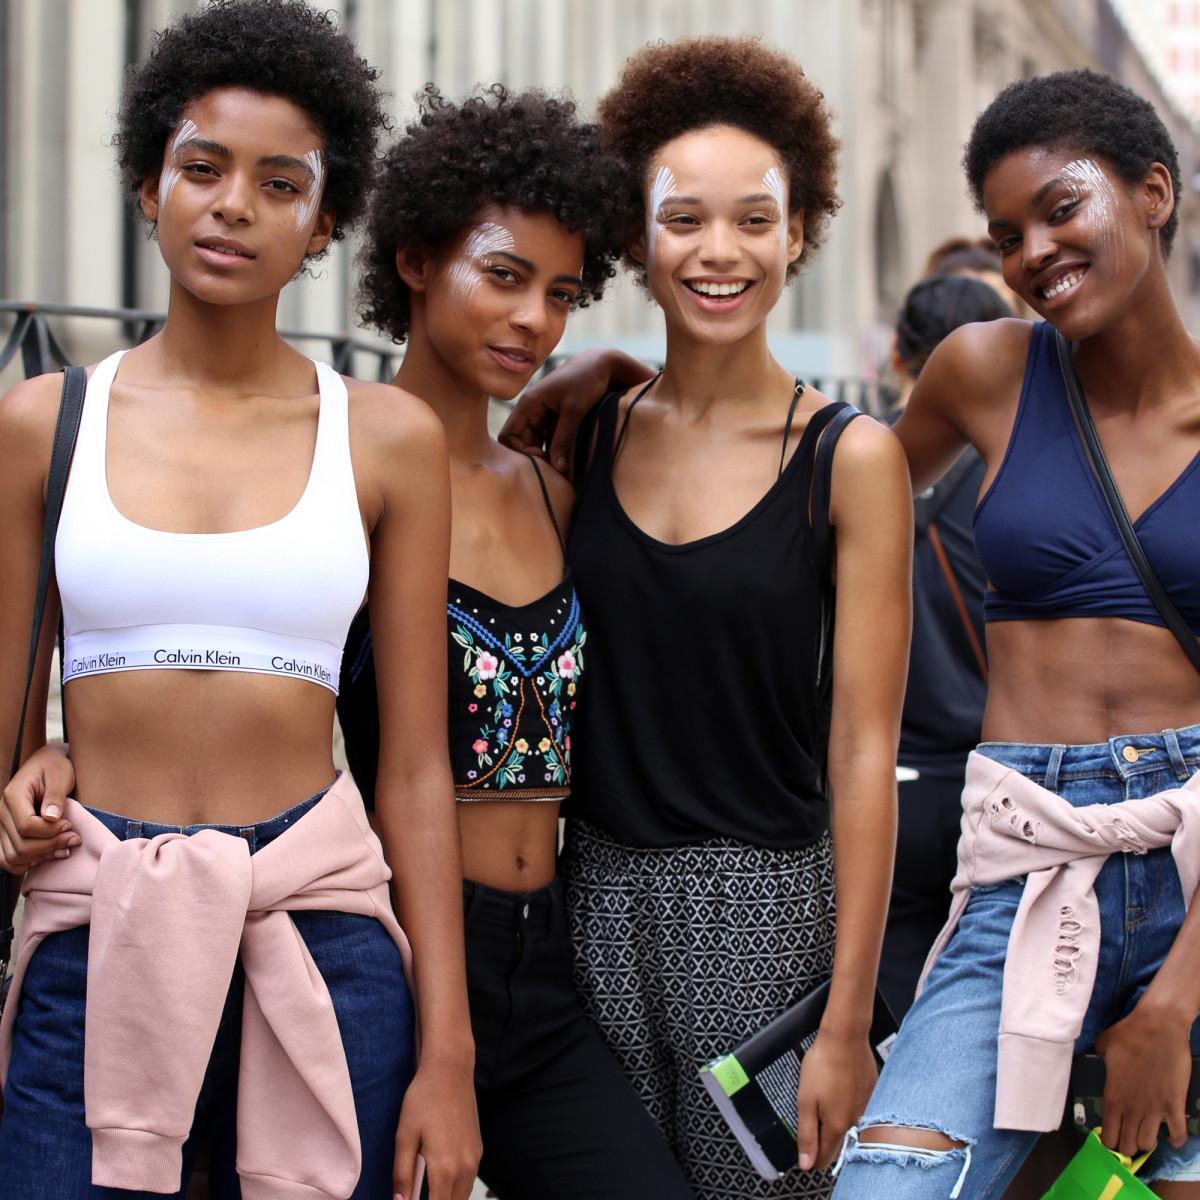 Models Alecia Morais, Amelia Rami, Afrodita Dorado and Amilna Estevao. Photo: Angela Datre/Fashionista